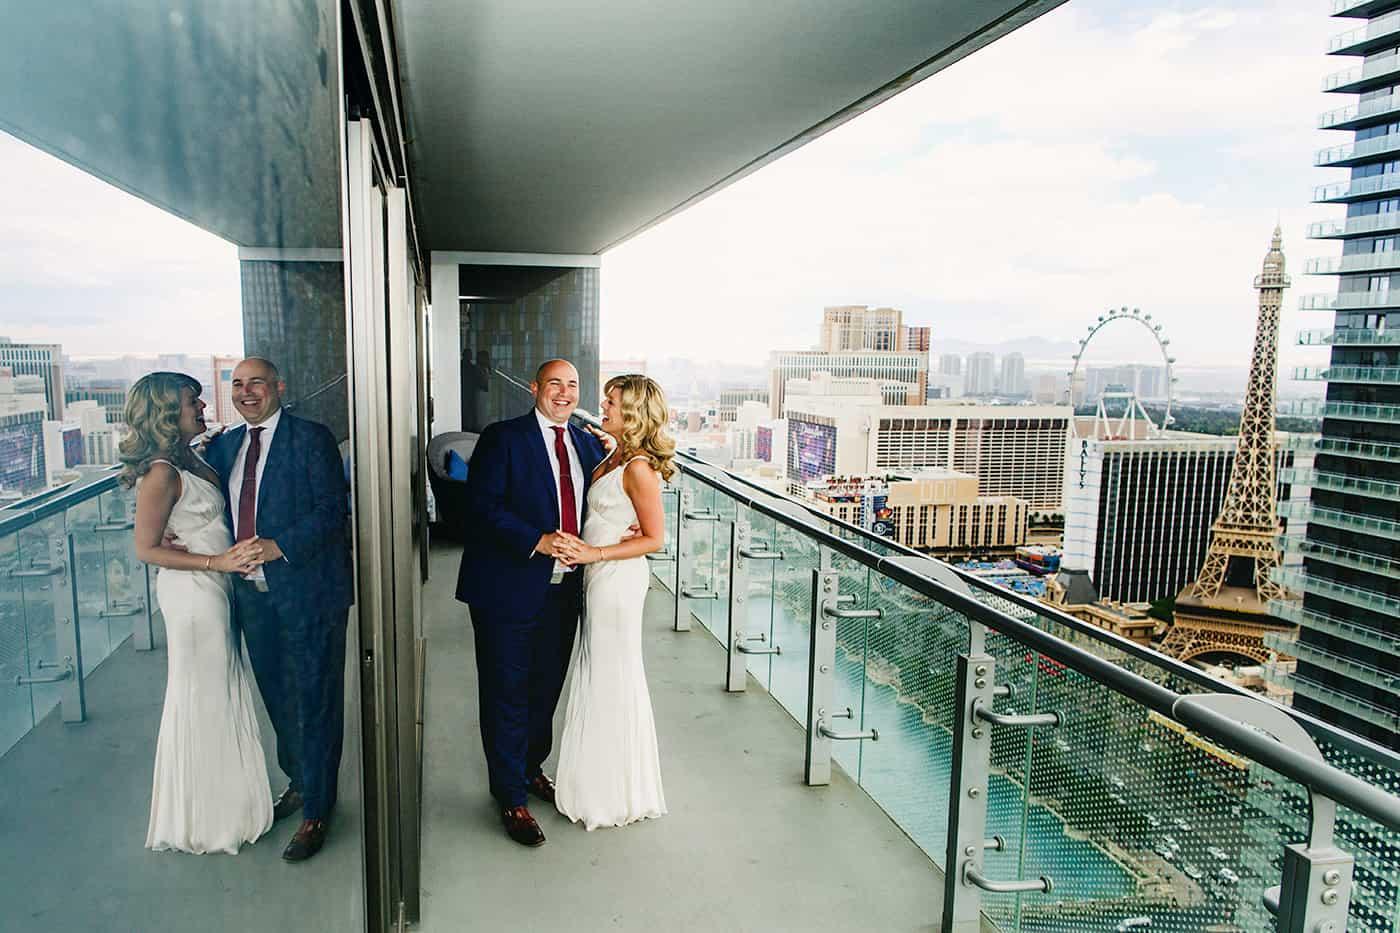 Bride and groom on Cosmopolitan hotel balcony in Las Vegas